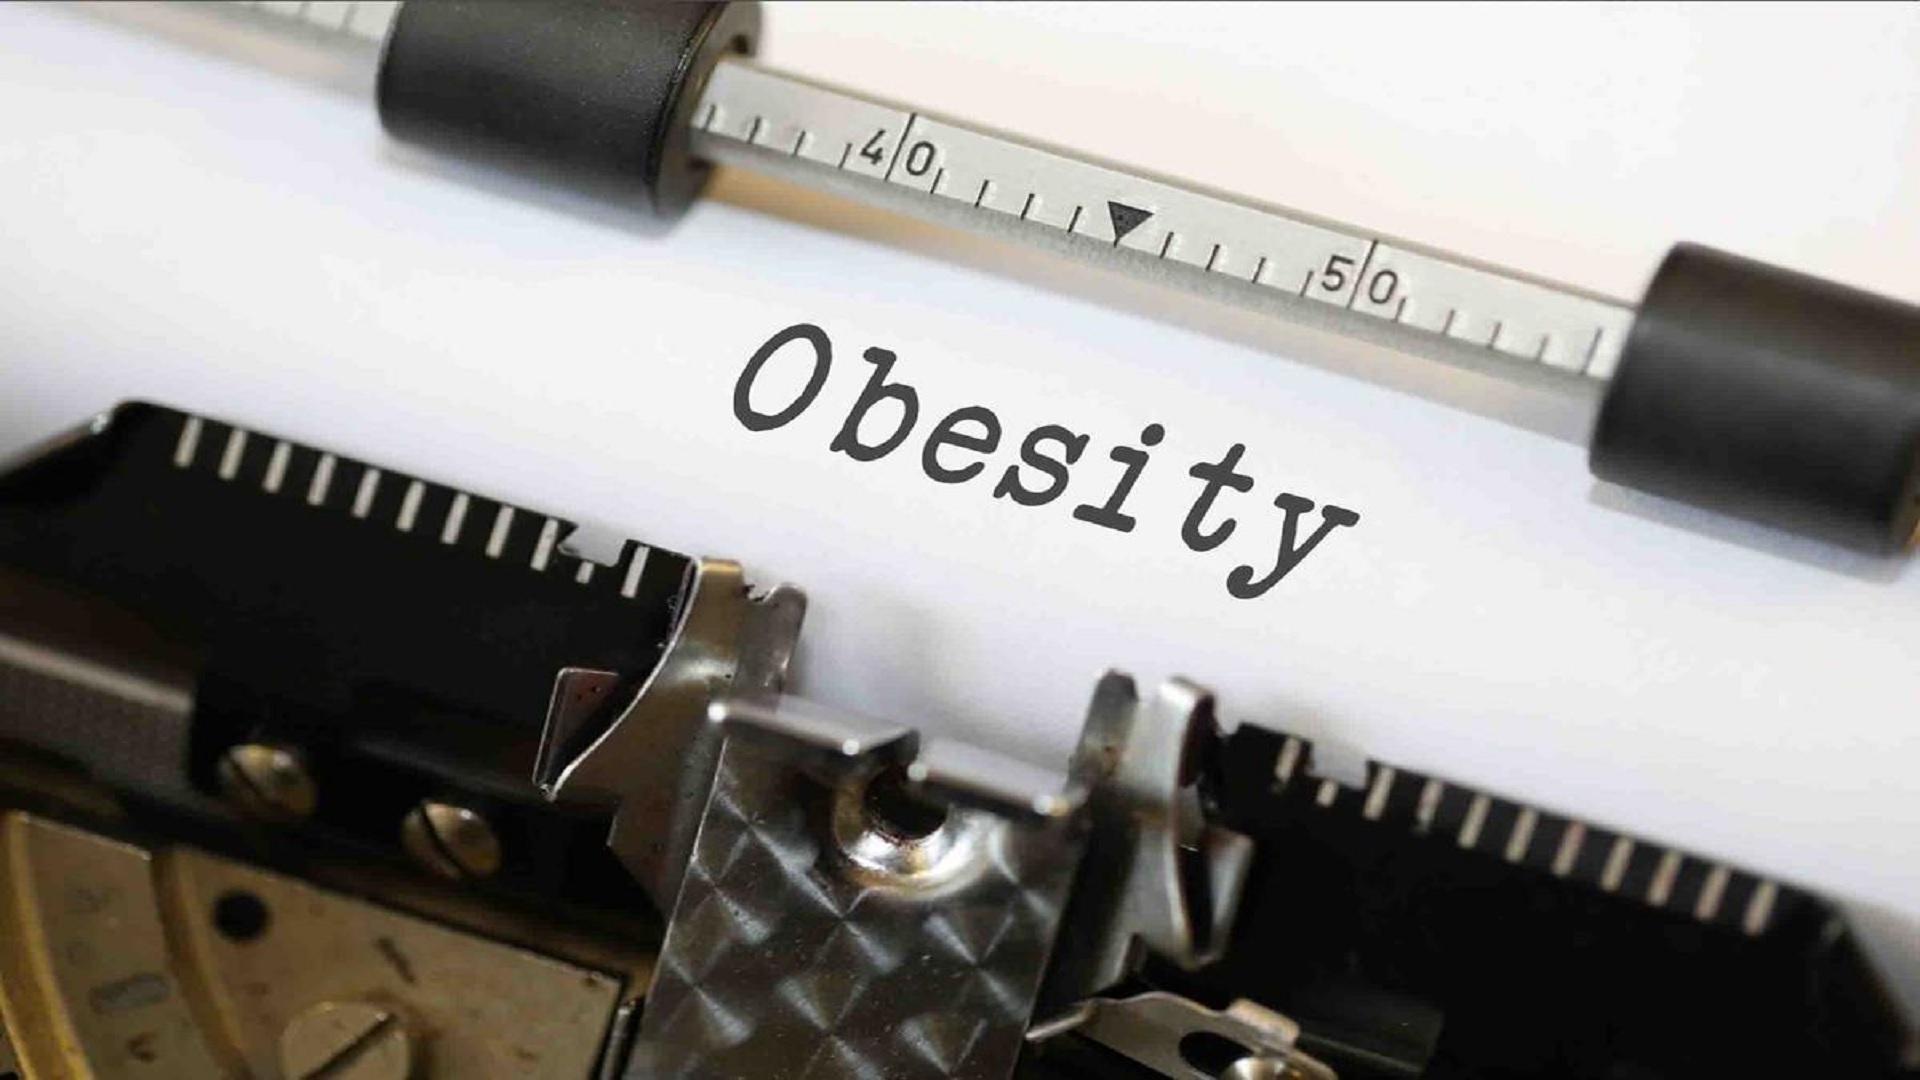 Παχυσαρκία ανοσοποιητικό: Ο ρόλος των ανοσοκυττάρων και ο νέος μηχανισμός